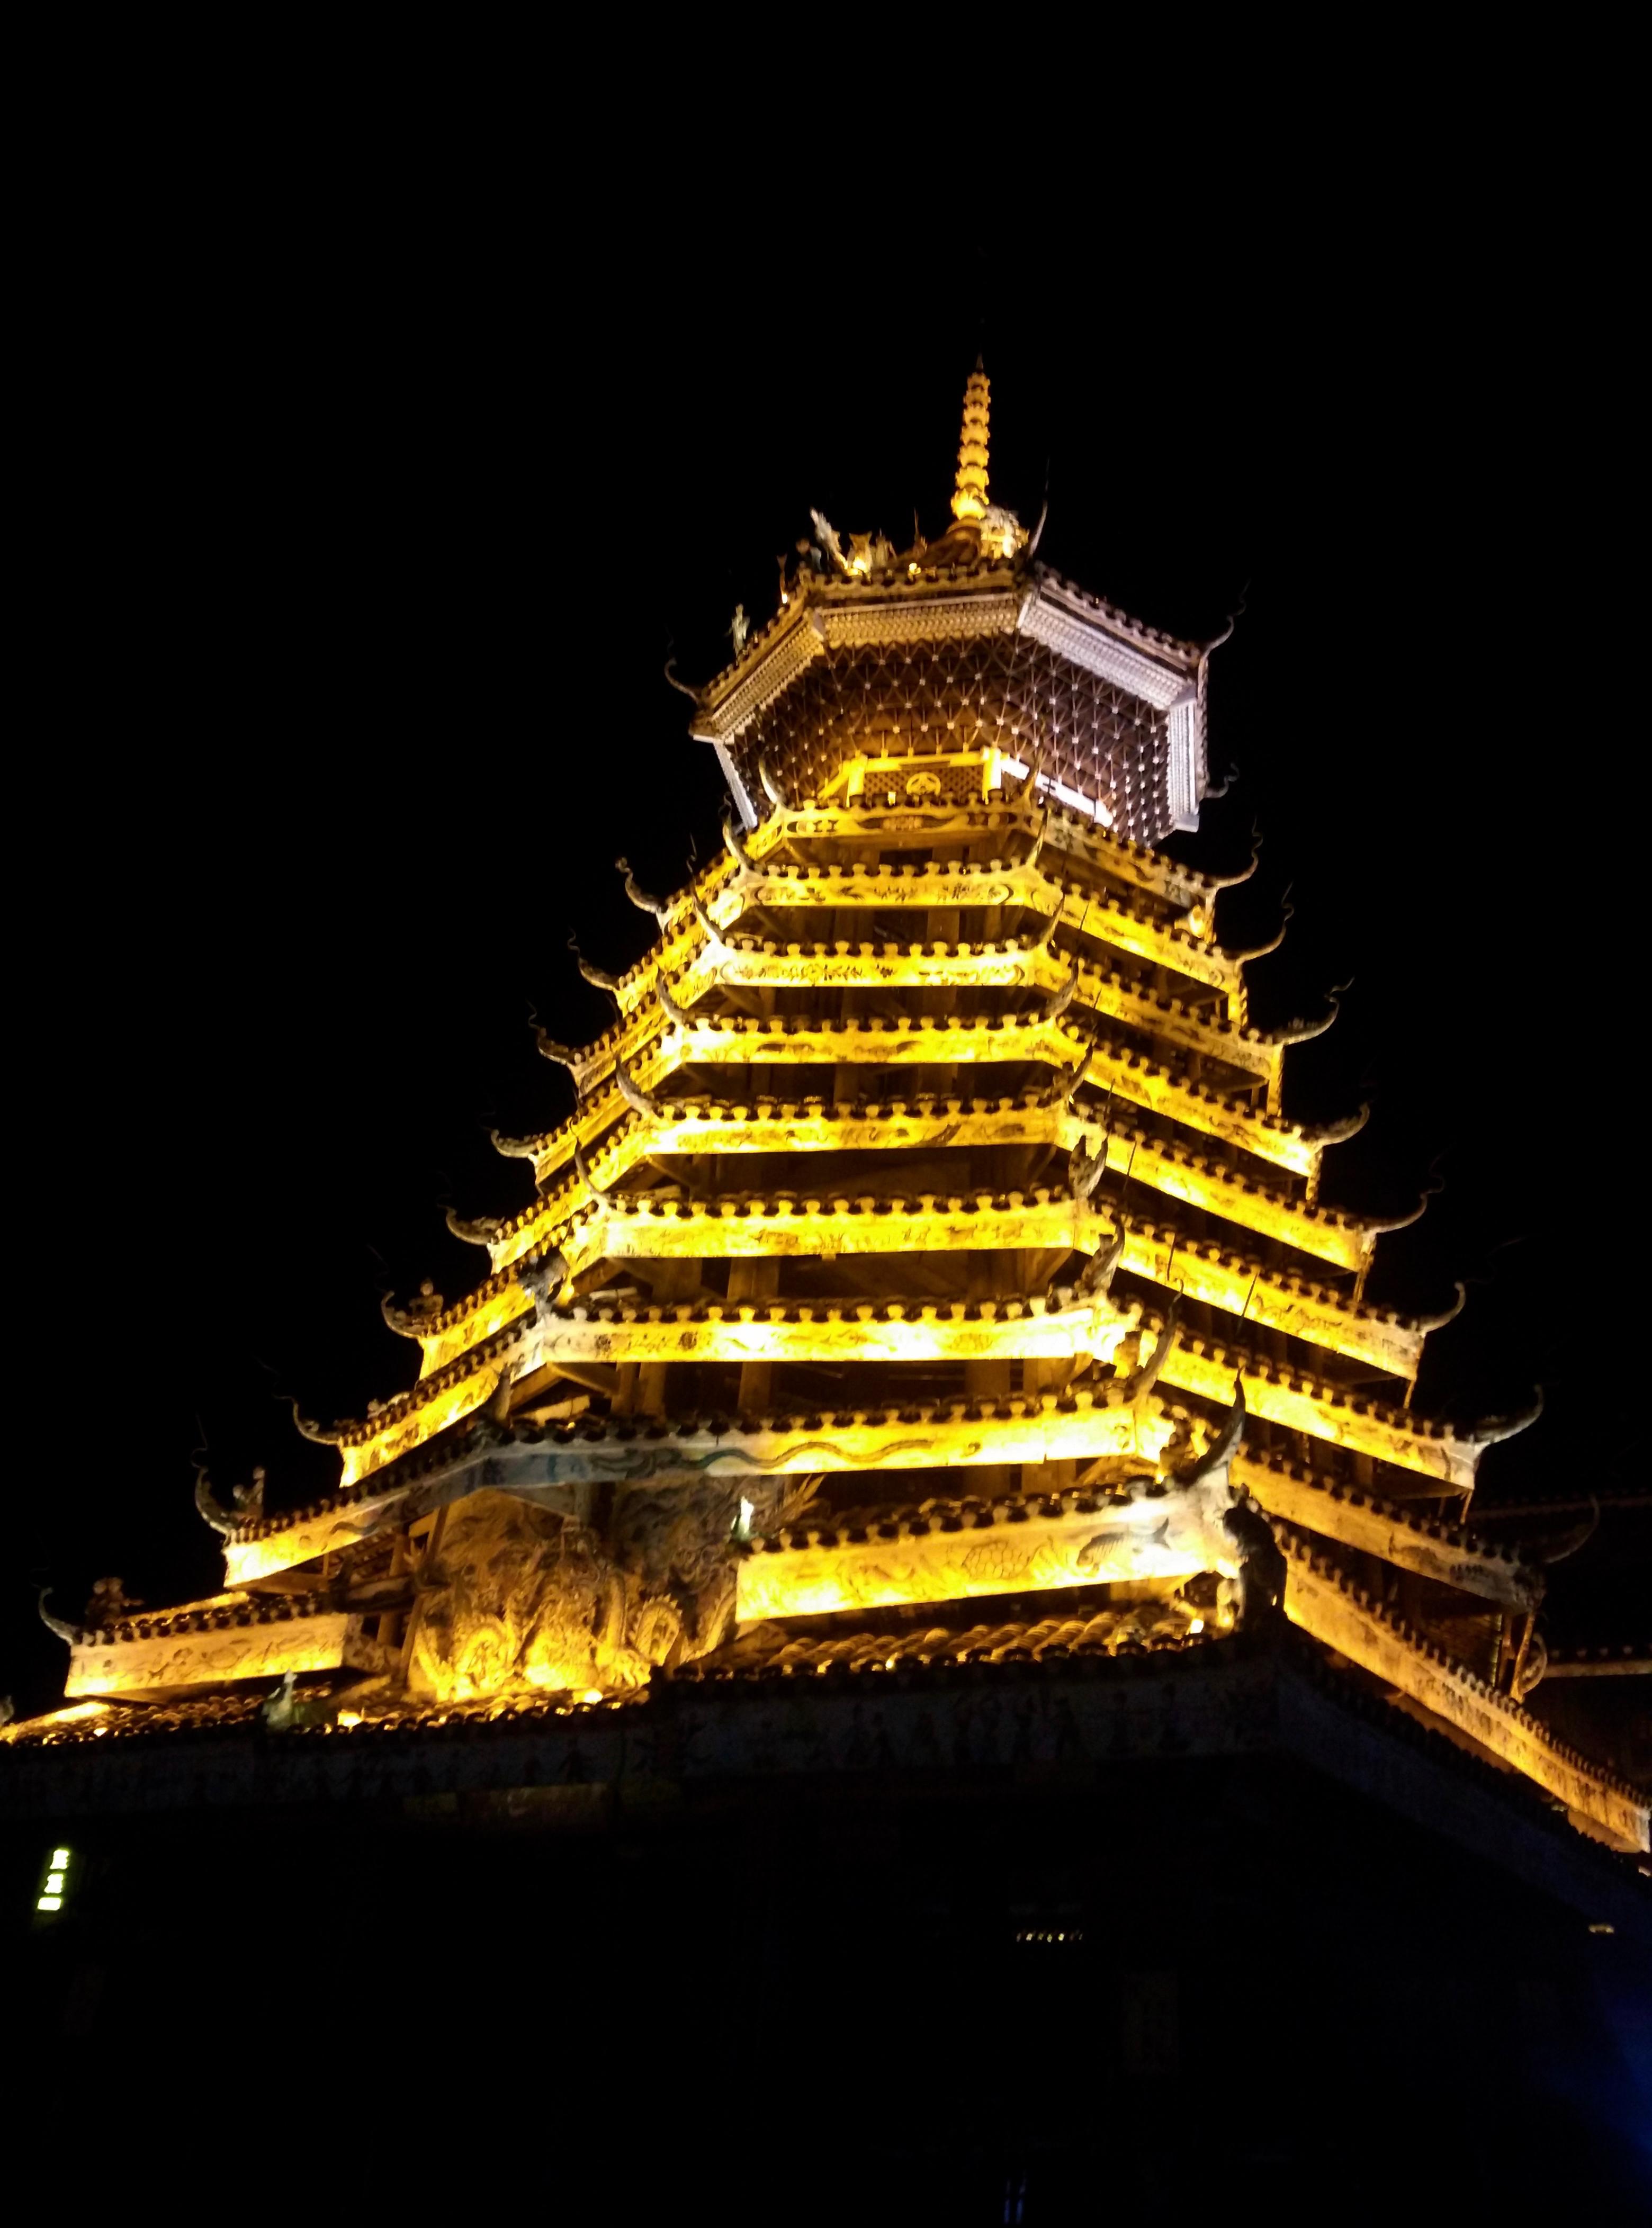 מגדל תוף של מיעוט הדונג